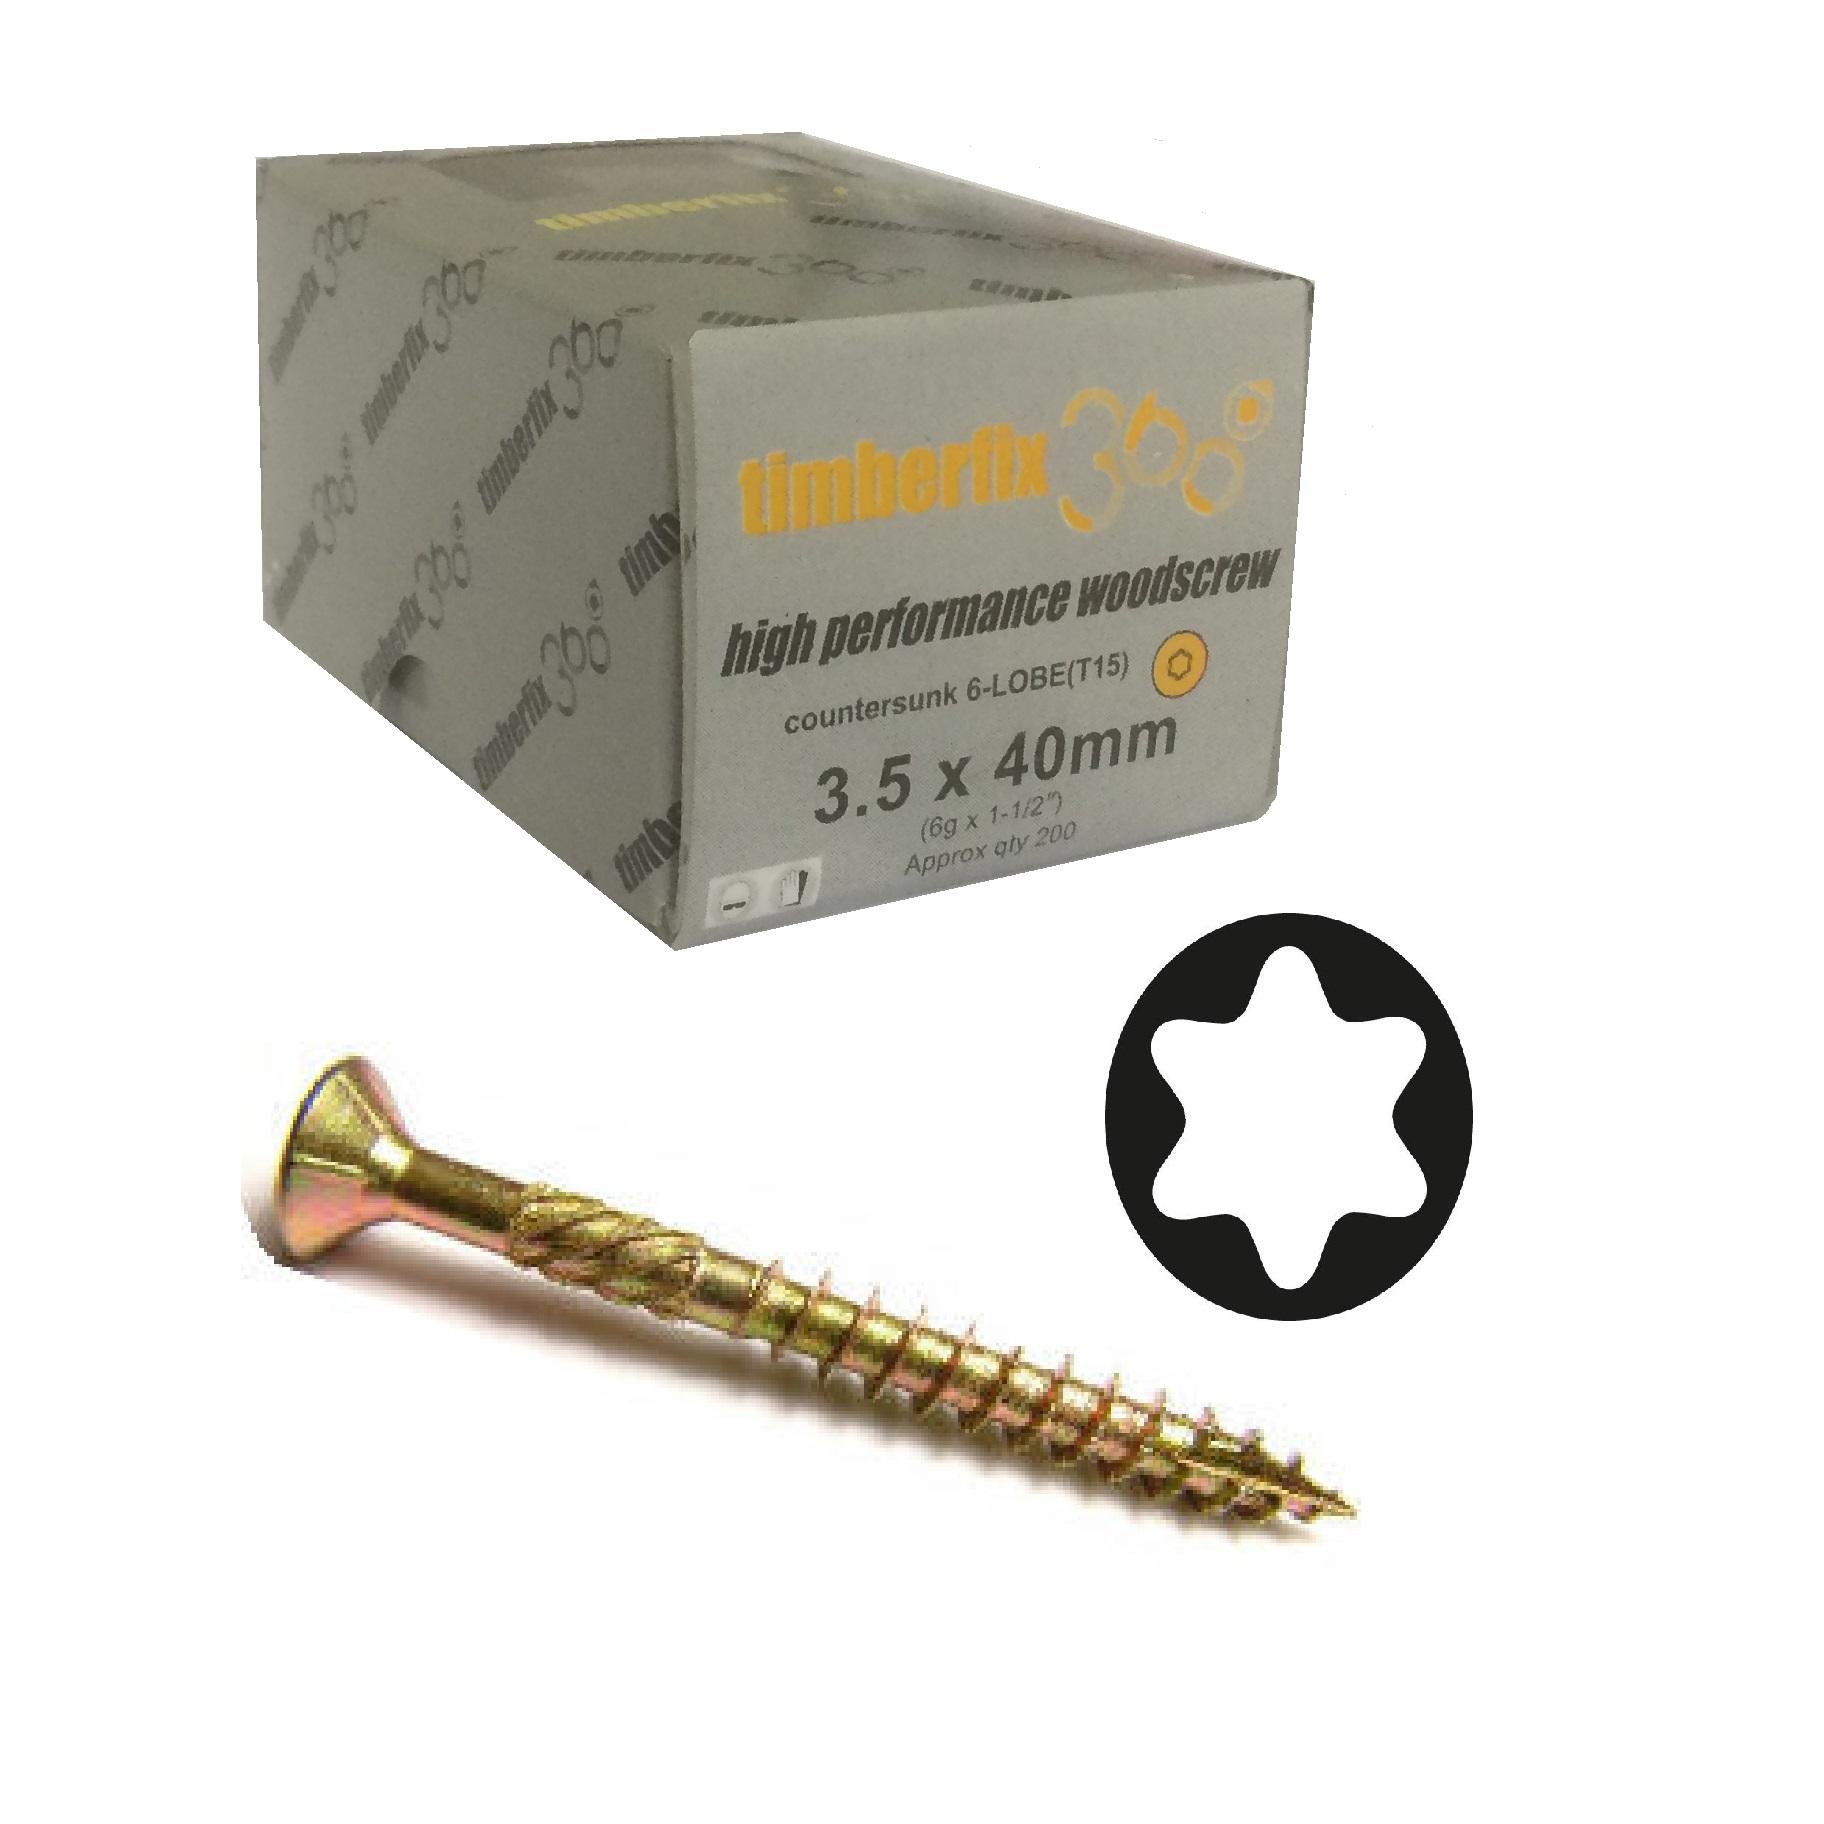 Timberfix 360 Torx - 5.0 x 70mm